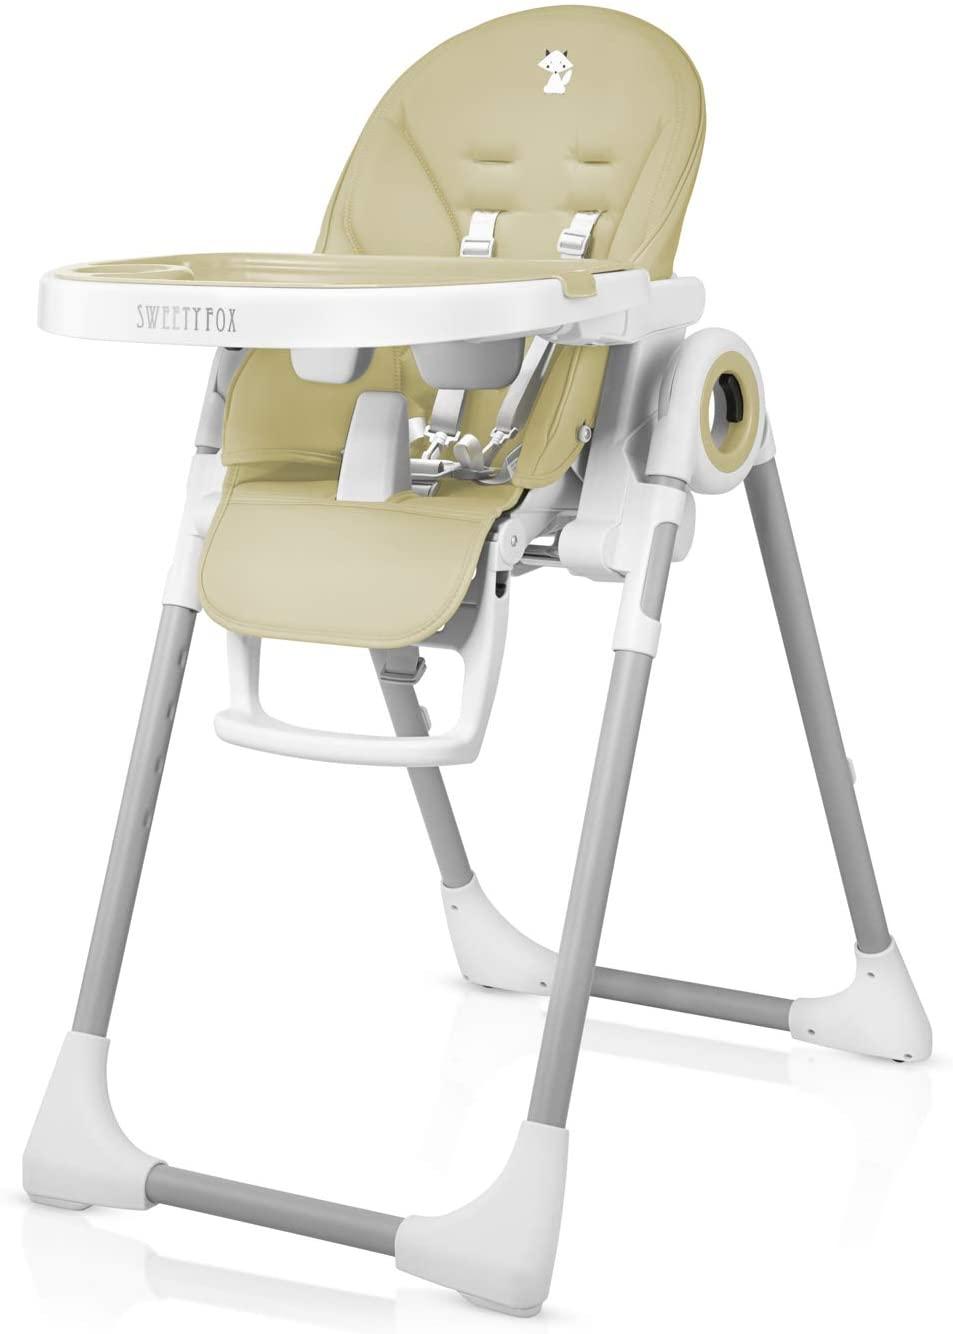 Chaise haute bebe pliable de Sweety Fox